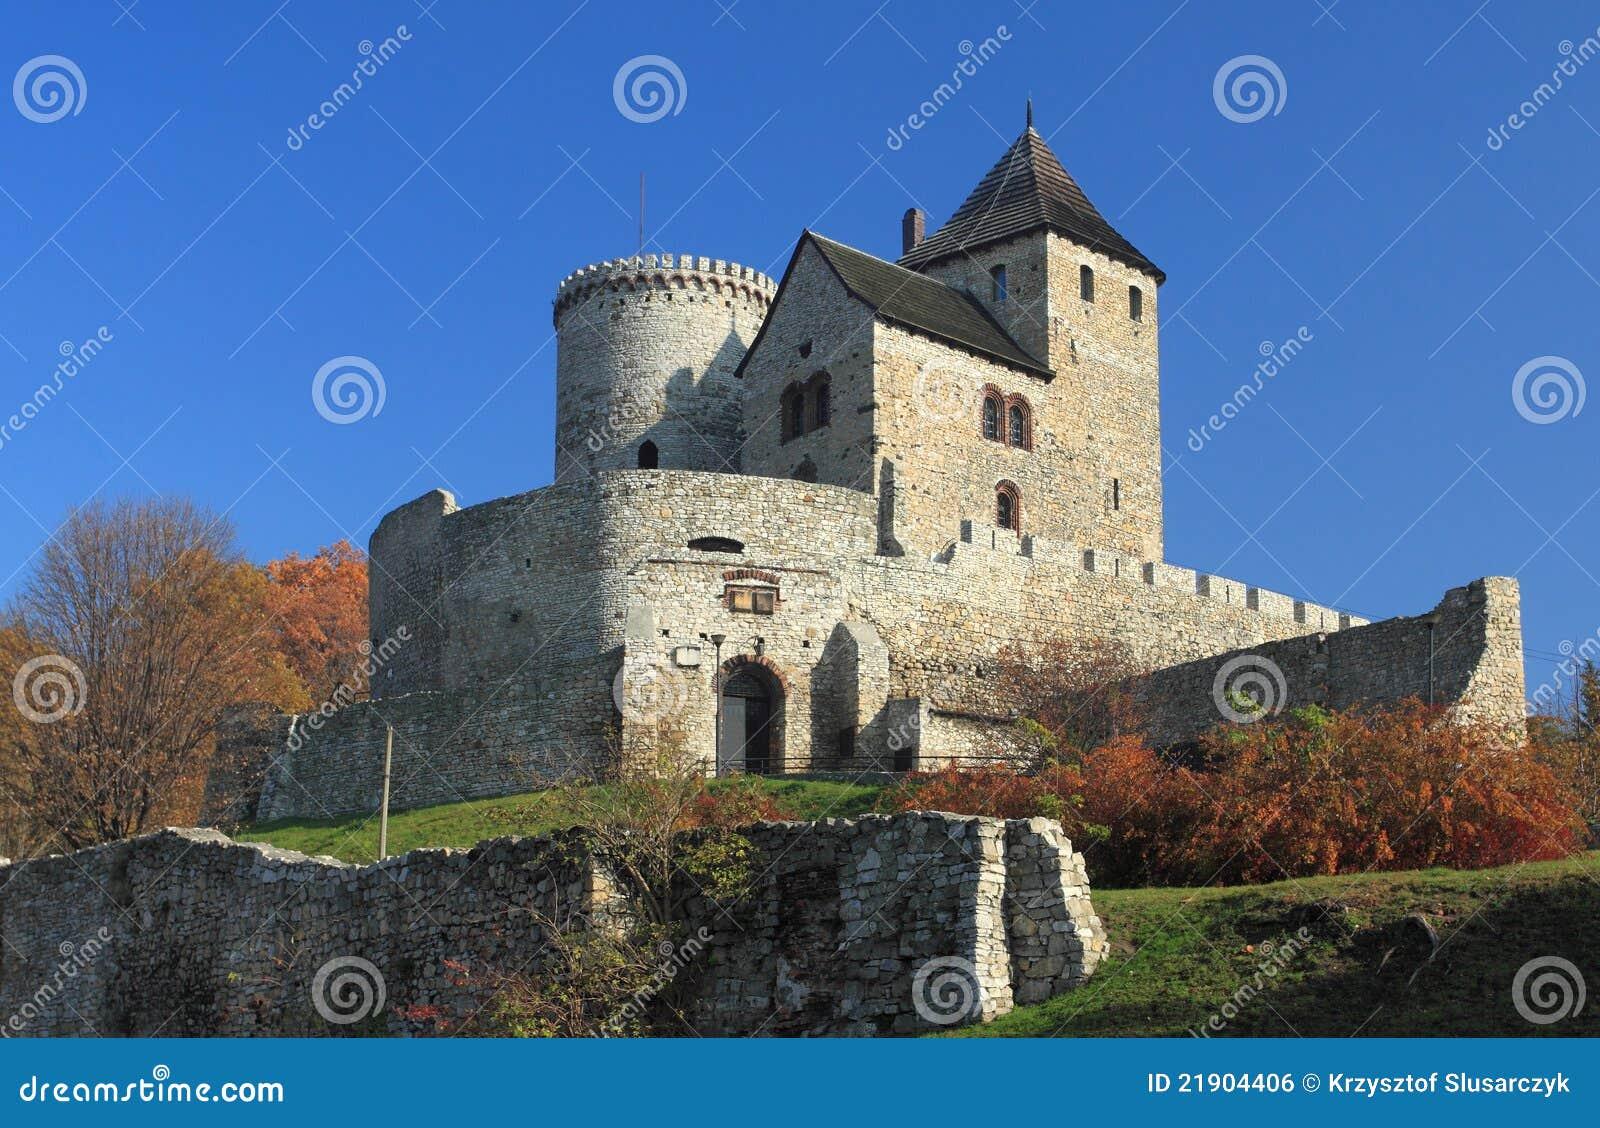 castle bedzin poland medieval - photo #35